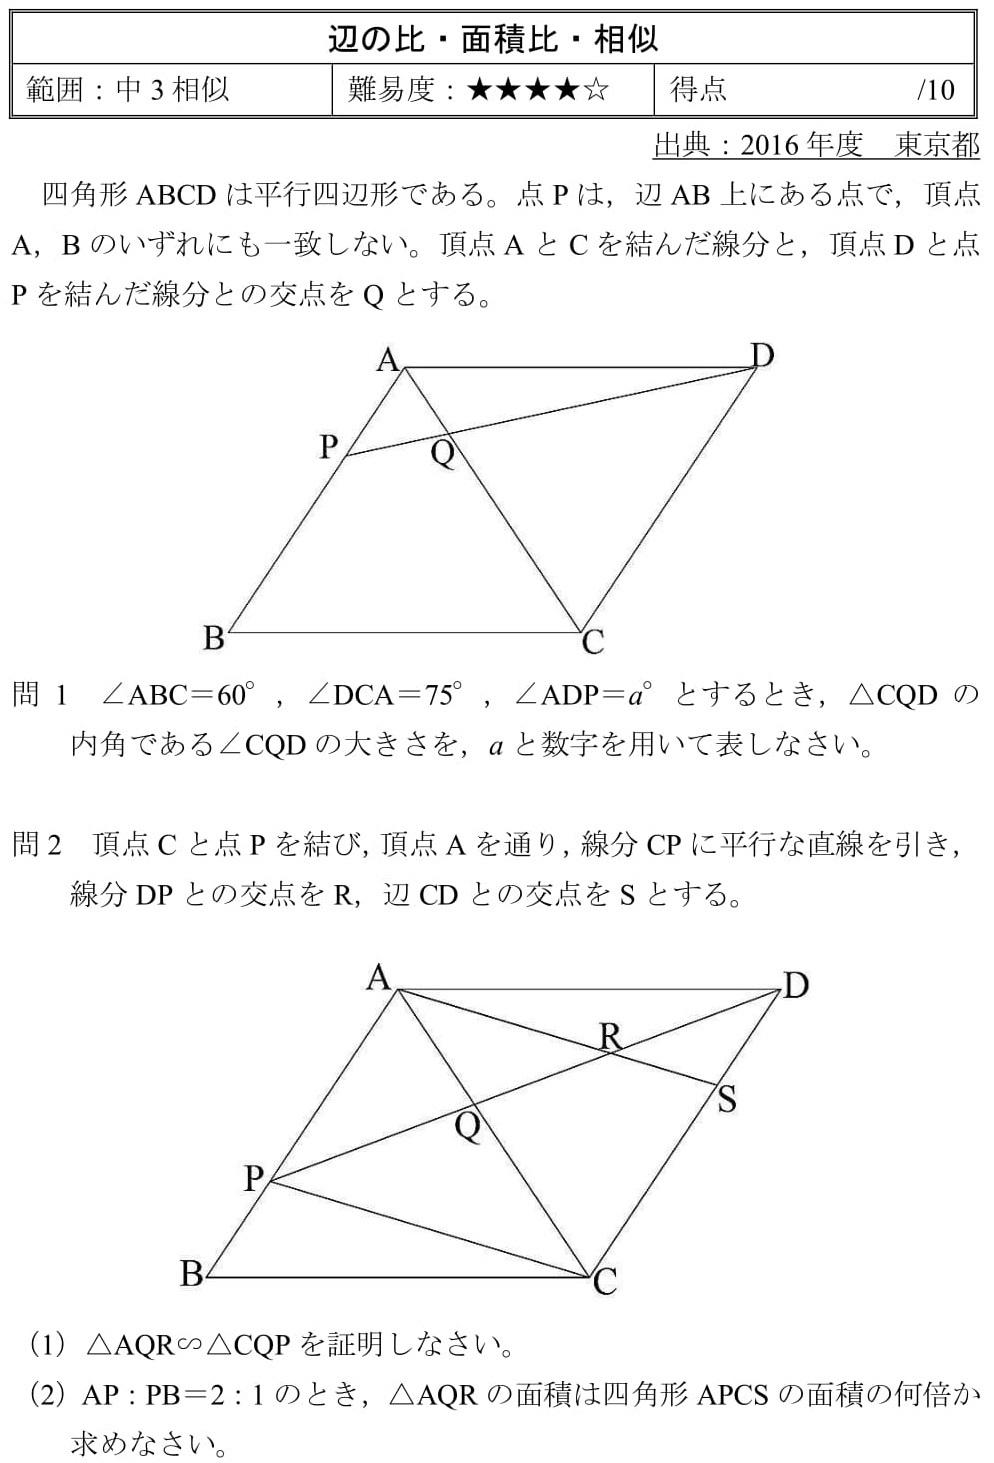 Menhennohi-1.jpg